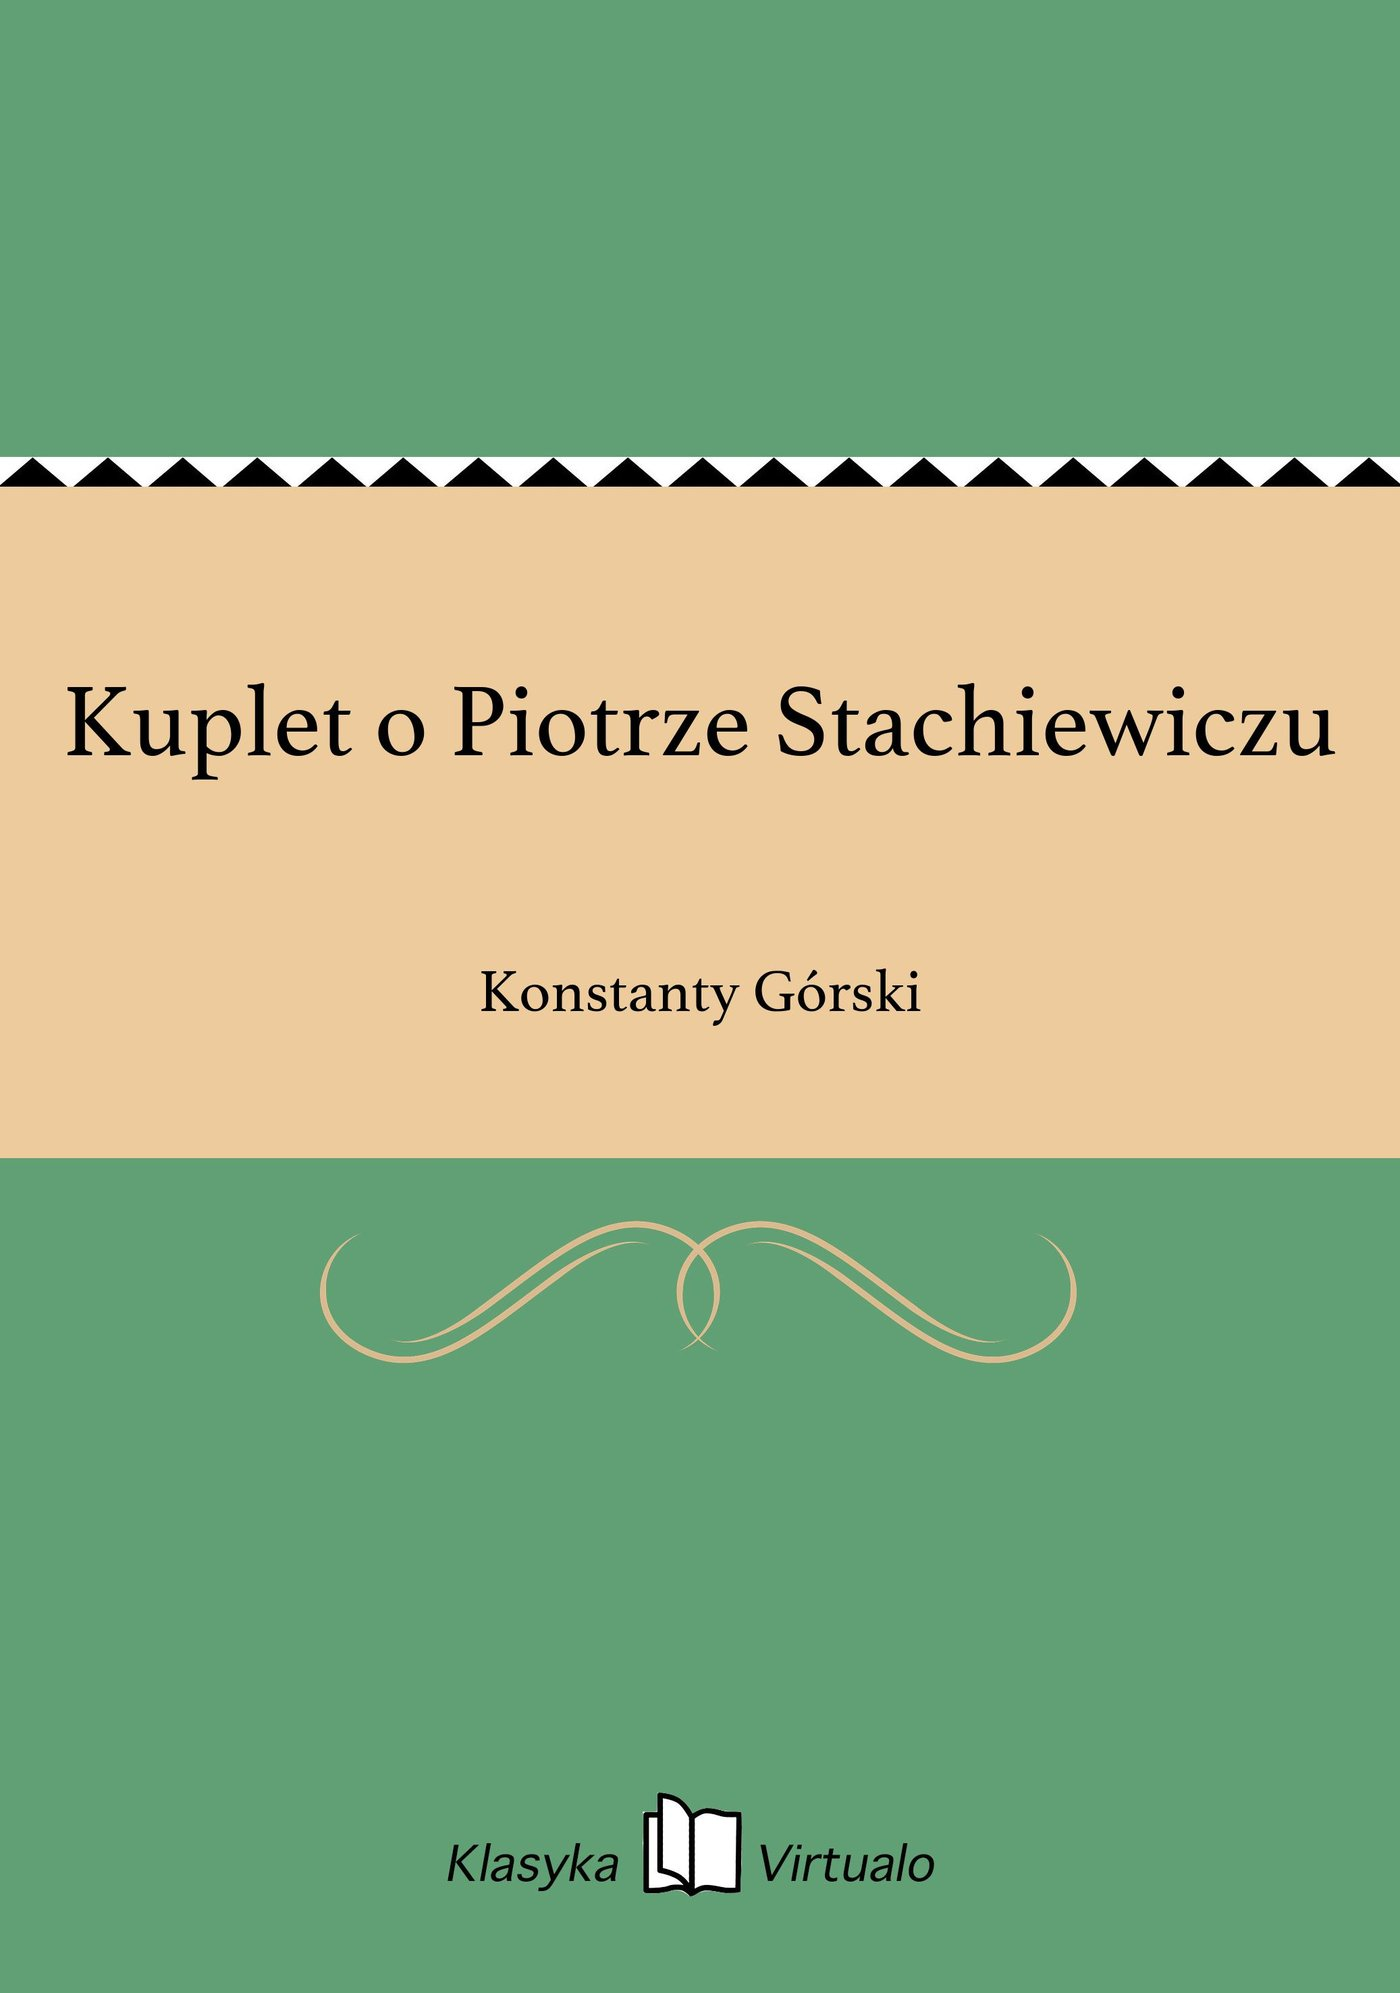 Kuplet o Piotrze Stachiewiczu - Ebook (Książka EPUB) do pobrania w formacie EPUB